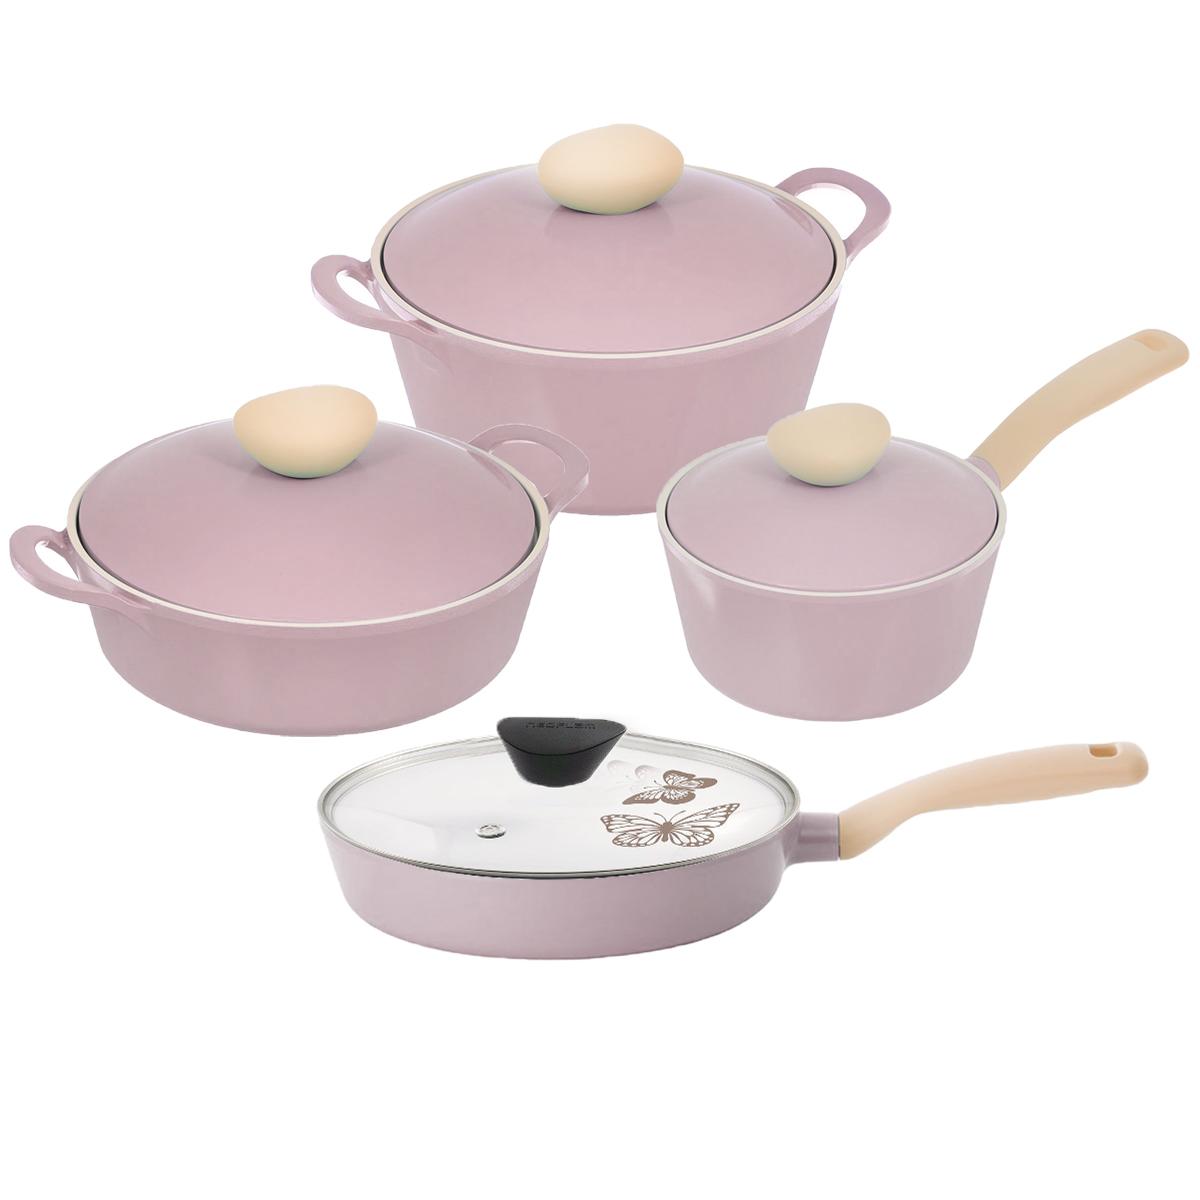 Набор посуды Frybest Round, с керамическим покрытием, цвет: розовый, 8 предметовROUND-N22-PНабор посуды Frybest Round выполнен из алюминия с внутренним и внешним керамическим покрытием Ecolon Superior. Такое покрытие устойчиво к повреждениям и не содержит вредных компонентов, так как изготовлено из натуральных материалов.Ключевые преимущества:- интегрированная система пароотвода, спрятанная внутри стильной бобышки в виде морского камня, предотвращает выкипание,- посуда из алюминия весит в 3 раза меньше, чем посуда из чугуна, - новейшее более стойкое керамическое покрытие последнего поколения: устойчивость к царапинам, истиранию и химическим реакциям,- внутри и снаружи - керамическое покрытие нового поколения профессионального уровня с высокими антипригарными свойствами, изделия произведены с использованием натуральных минеральных ингредиентов. Посуда не содержит PFOA и PTFE,- тело и крышка посуды из литого алюминия вместе создают эффект теплообмена, сохраняя пар внутри для более эффективного приготовления пищи,- утолщенное дно посуды- для лучшего распространения тепла и экономии энергии. В состав набора входит: - жаровня с крышкой,- кастрюля с крышкой, - сотейник с крышкой,- ковш с крышкой.Объем кастрюли: 2,8 л.Диаметр кастрюли: 22 см.Высота стенок кастрюли: 10 см.Ширина кастрюли (с учетом ручек): 29,5 см.Диаметр дна кастрюли: 17 см.Диаметр сотейника: 26 см.Высота стенок сотейника: 8 см.Длина ручки сотейника: 18,5 см.Объем ковша: 1,8 л.Диаметр ковша: 18 см.Длина ручки ковша: 18 см.Высота стенок ковша: 9,7 см.Диаметр дна ковша: 15 см.Объем жаровни: 2 л.Диаметр жаровни: 22 см.Высота стенок жаровни: 7,2 см.Ширина жаровни (с учетом ручек): 29,5 см.Диаметр дна жаровни: 19 см.Толщина стенок посуды: 4 см.Толщина дна посуды: 6,5 мм. Можно мыть в посудомоечной машине. Подходит для электрических, газовых, стеклокерамических и индукционных плит.